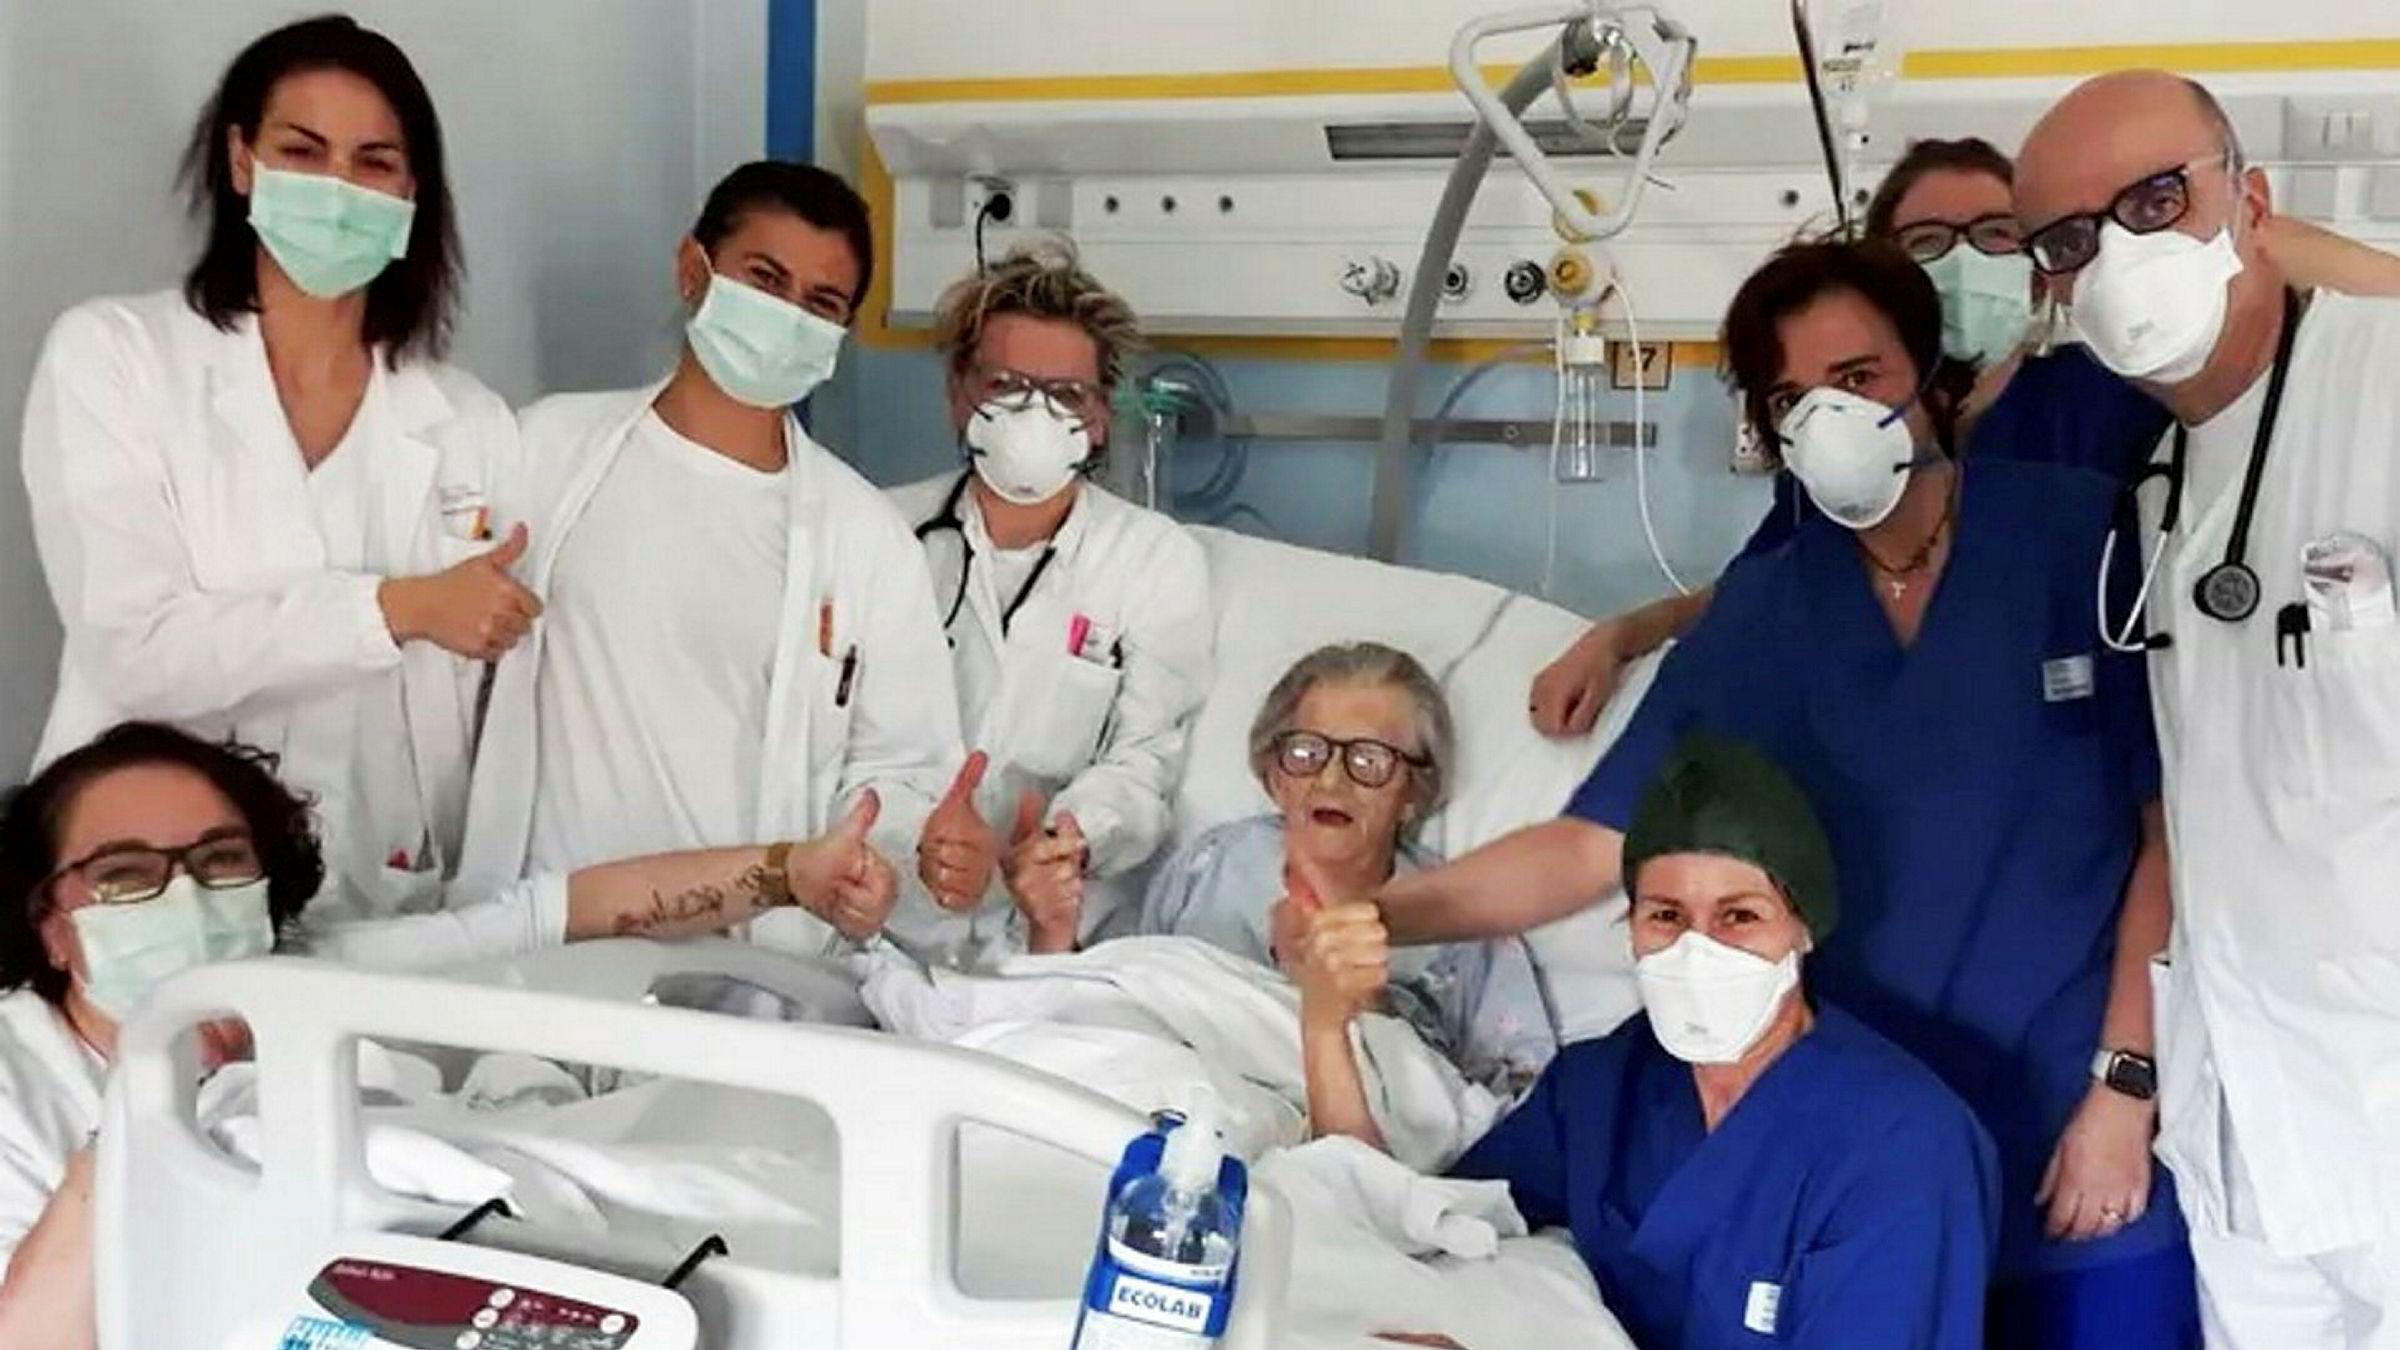 95 år gamle Alma Clara Corsini er den eldste hittil som har overlevd koronaviruset. Det ble feiret på et sykehus i Pavullo i Italia.